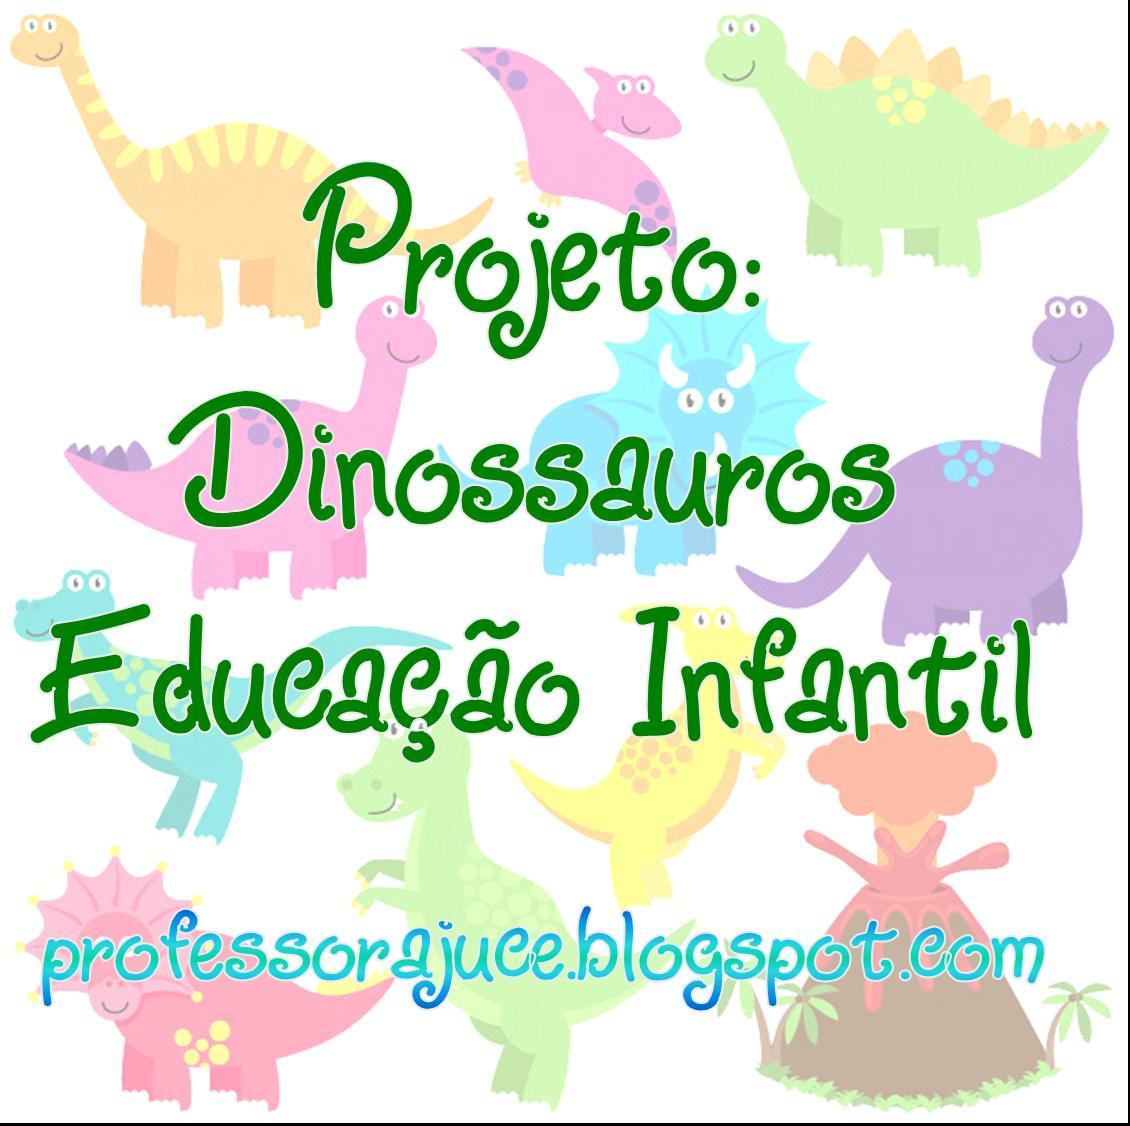 Professora Juce: Projeto Dinossauros para Educação Infantil #0C7BBF 1130 1126